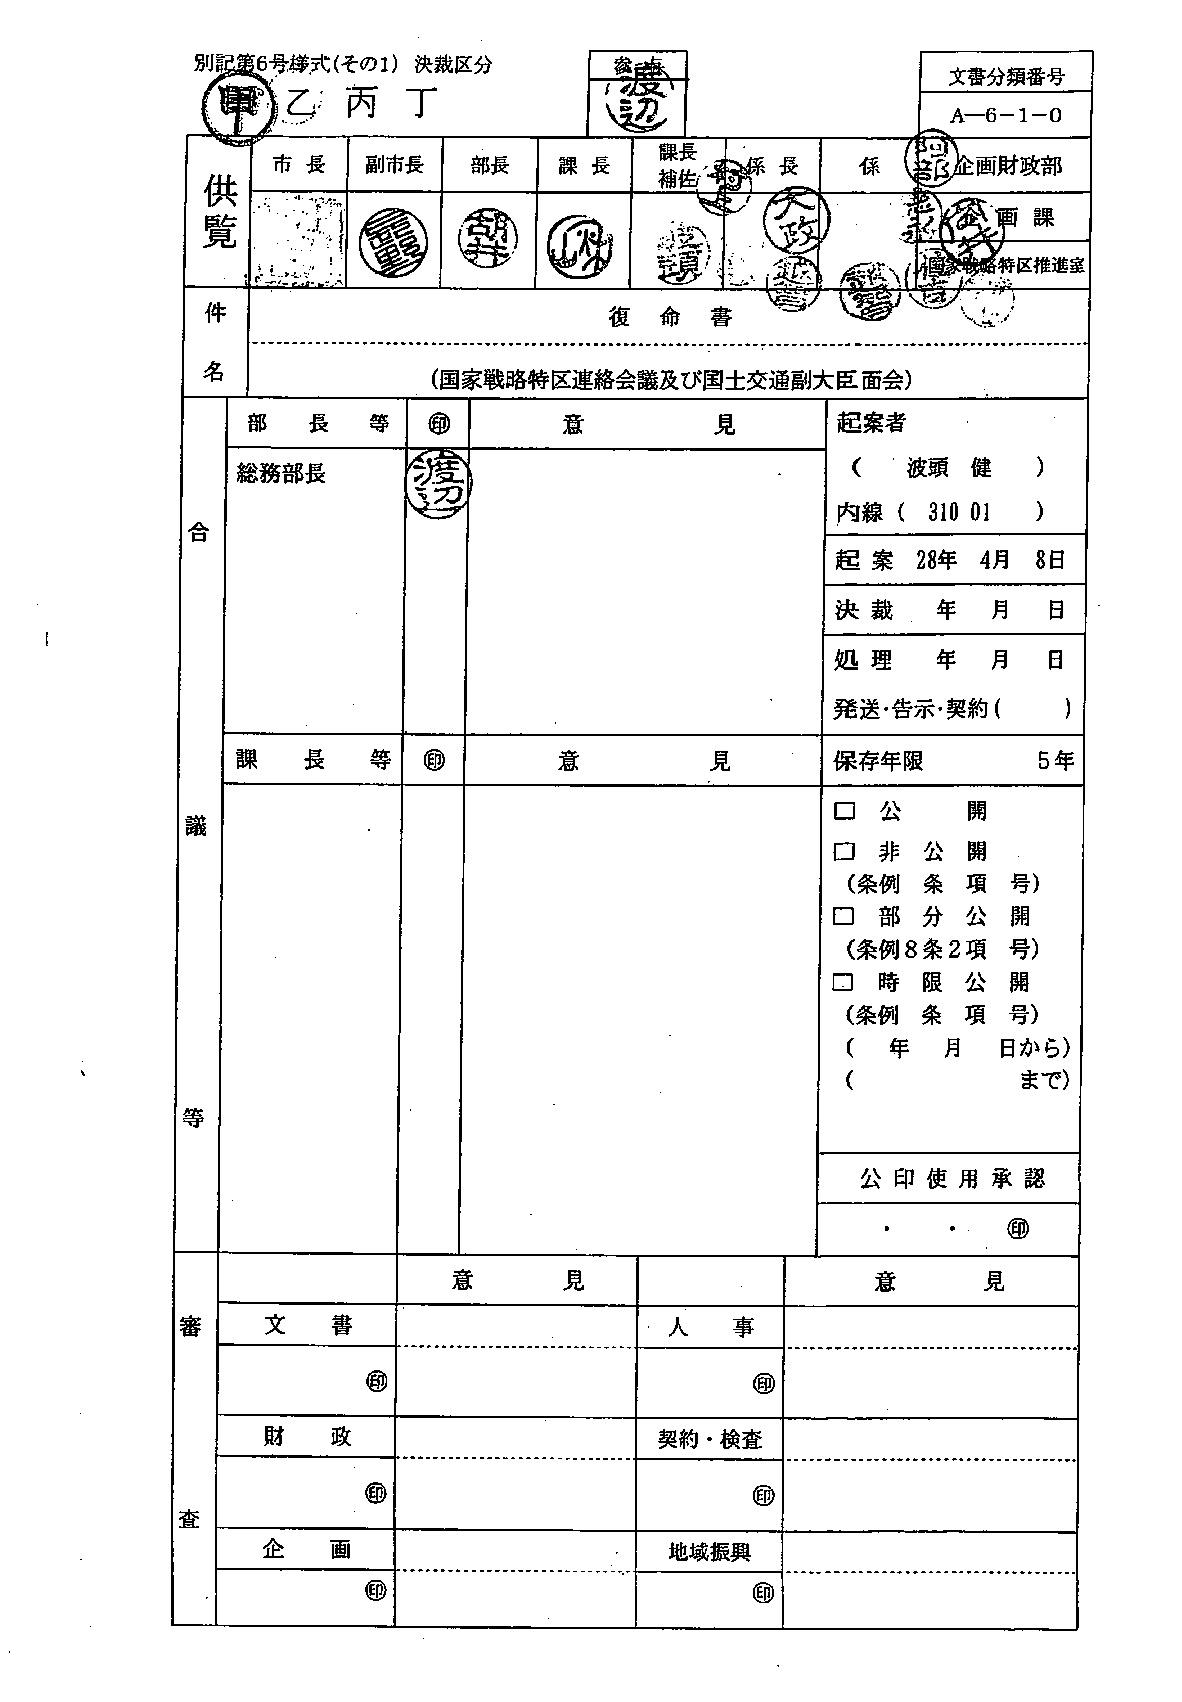 今治市 20160406-7 国家戦略特区連絡会議 国交副大臣面会 (1)山本順三